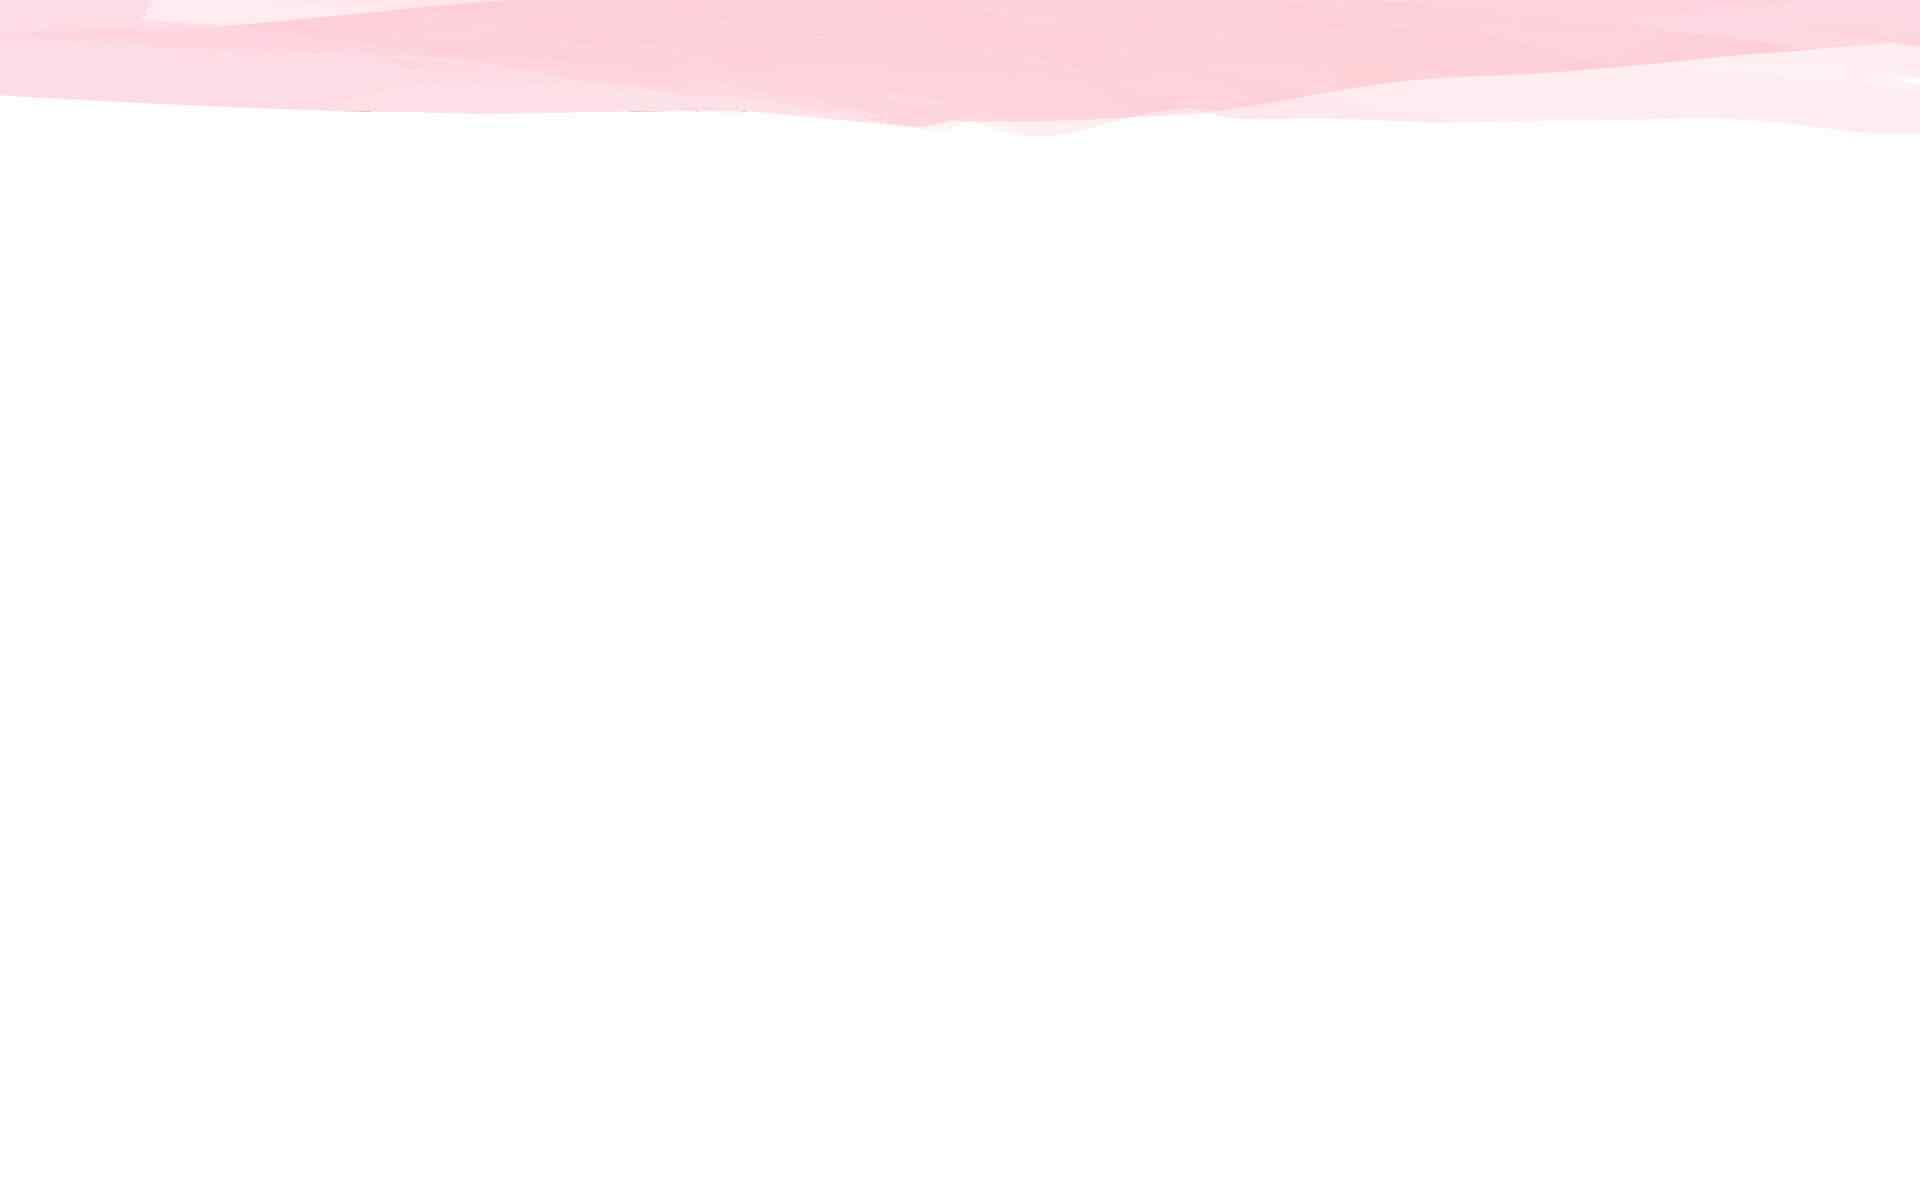 https://www.natalnakarta.online/wp-content/uploads/2018/02/pink_light_background.jpg